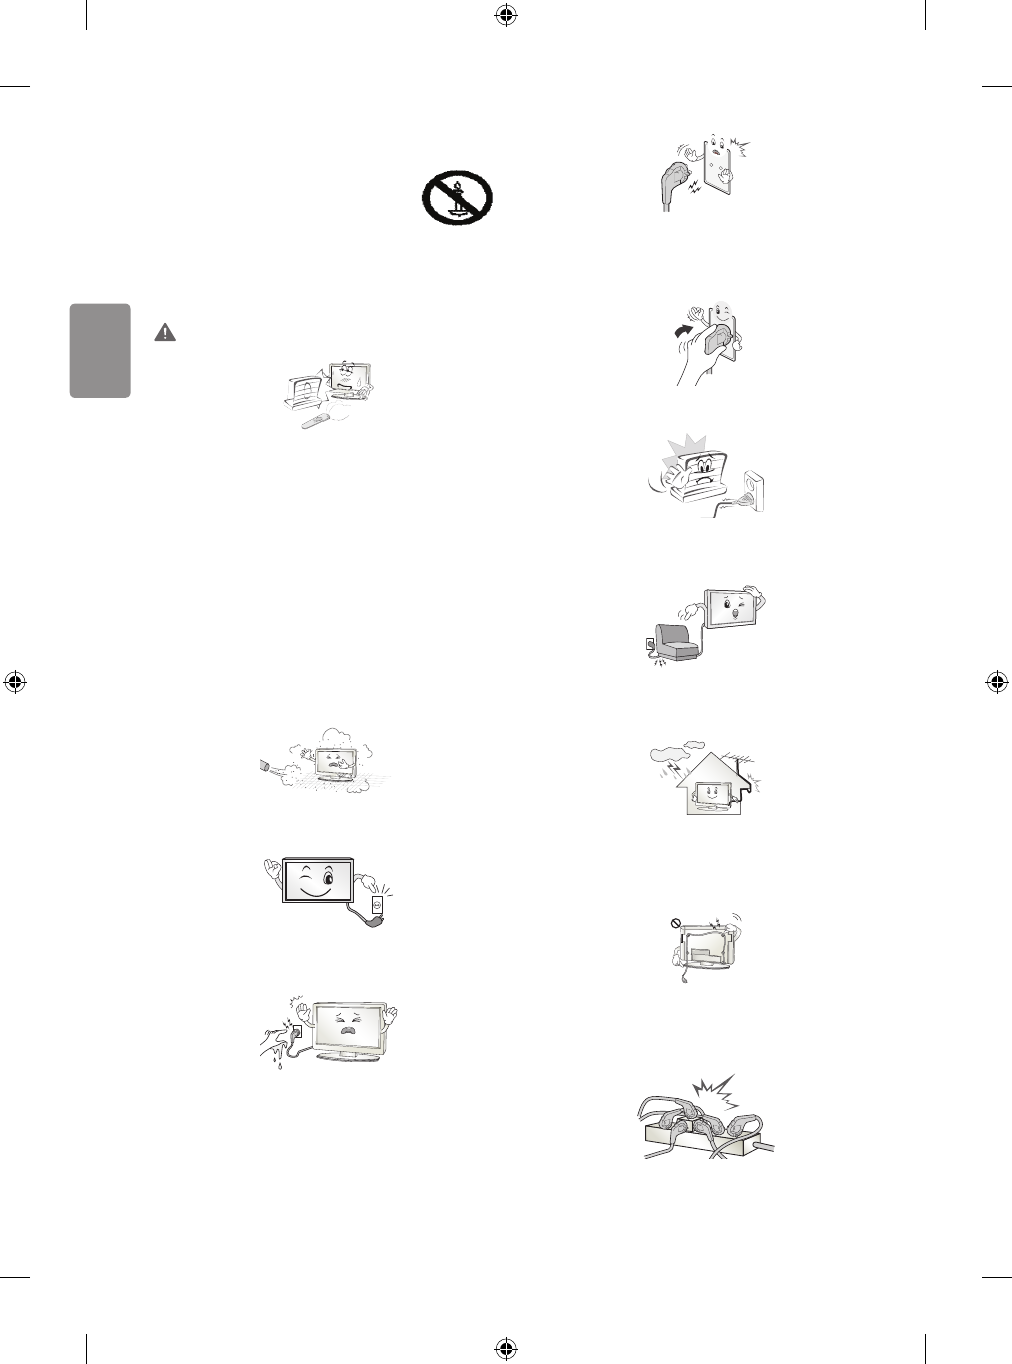 Алтын партия ойын автоматы андроидта тегін және тіркеусіз ойнайды